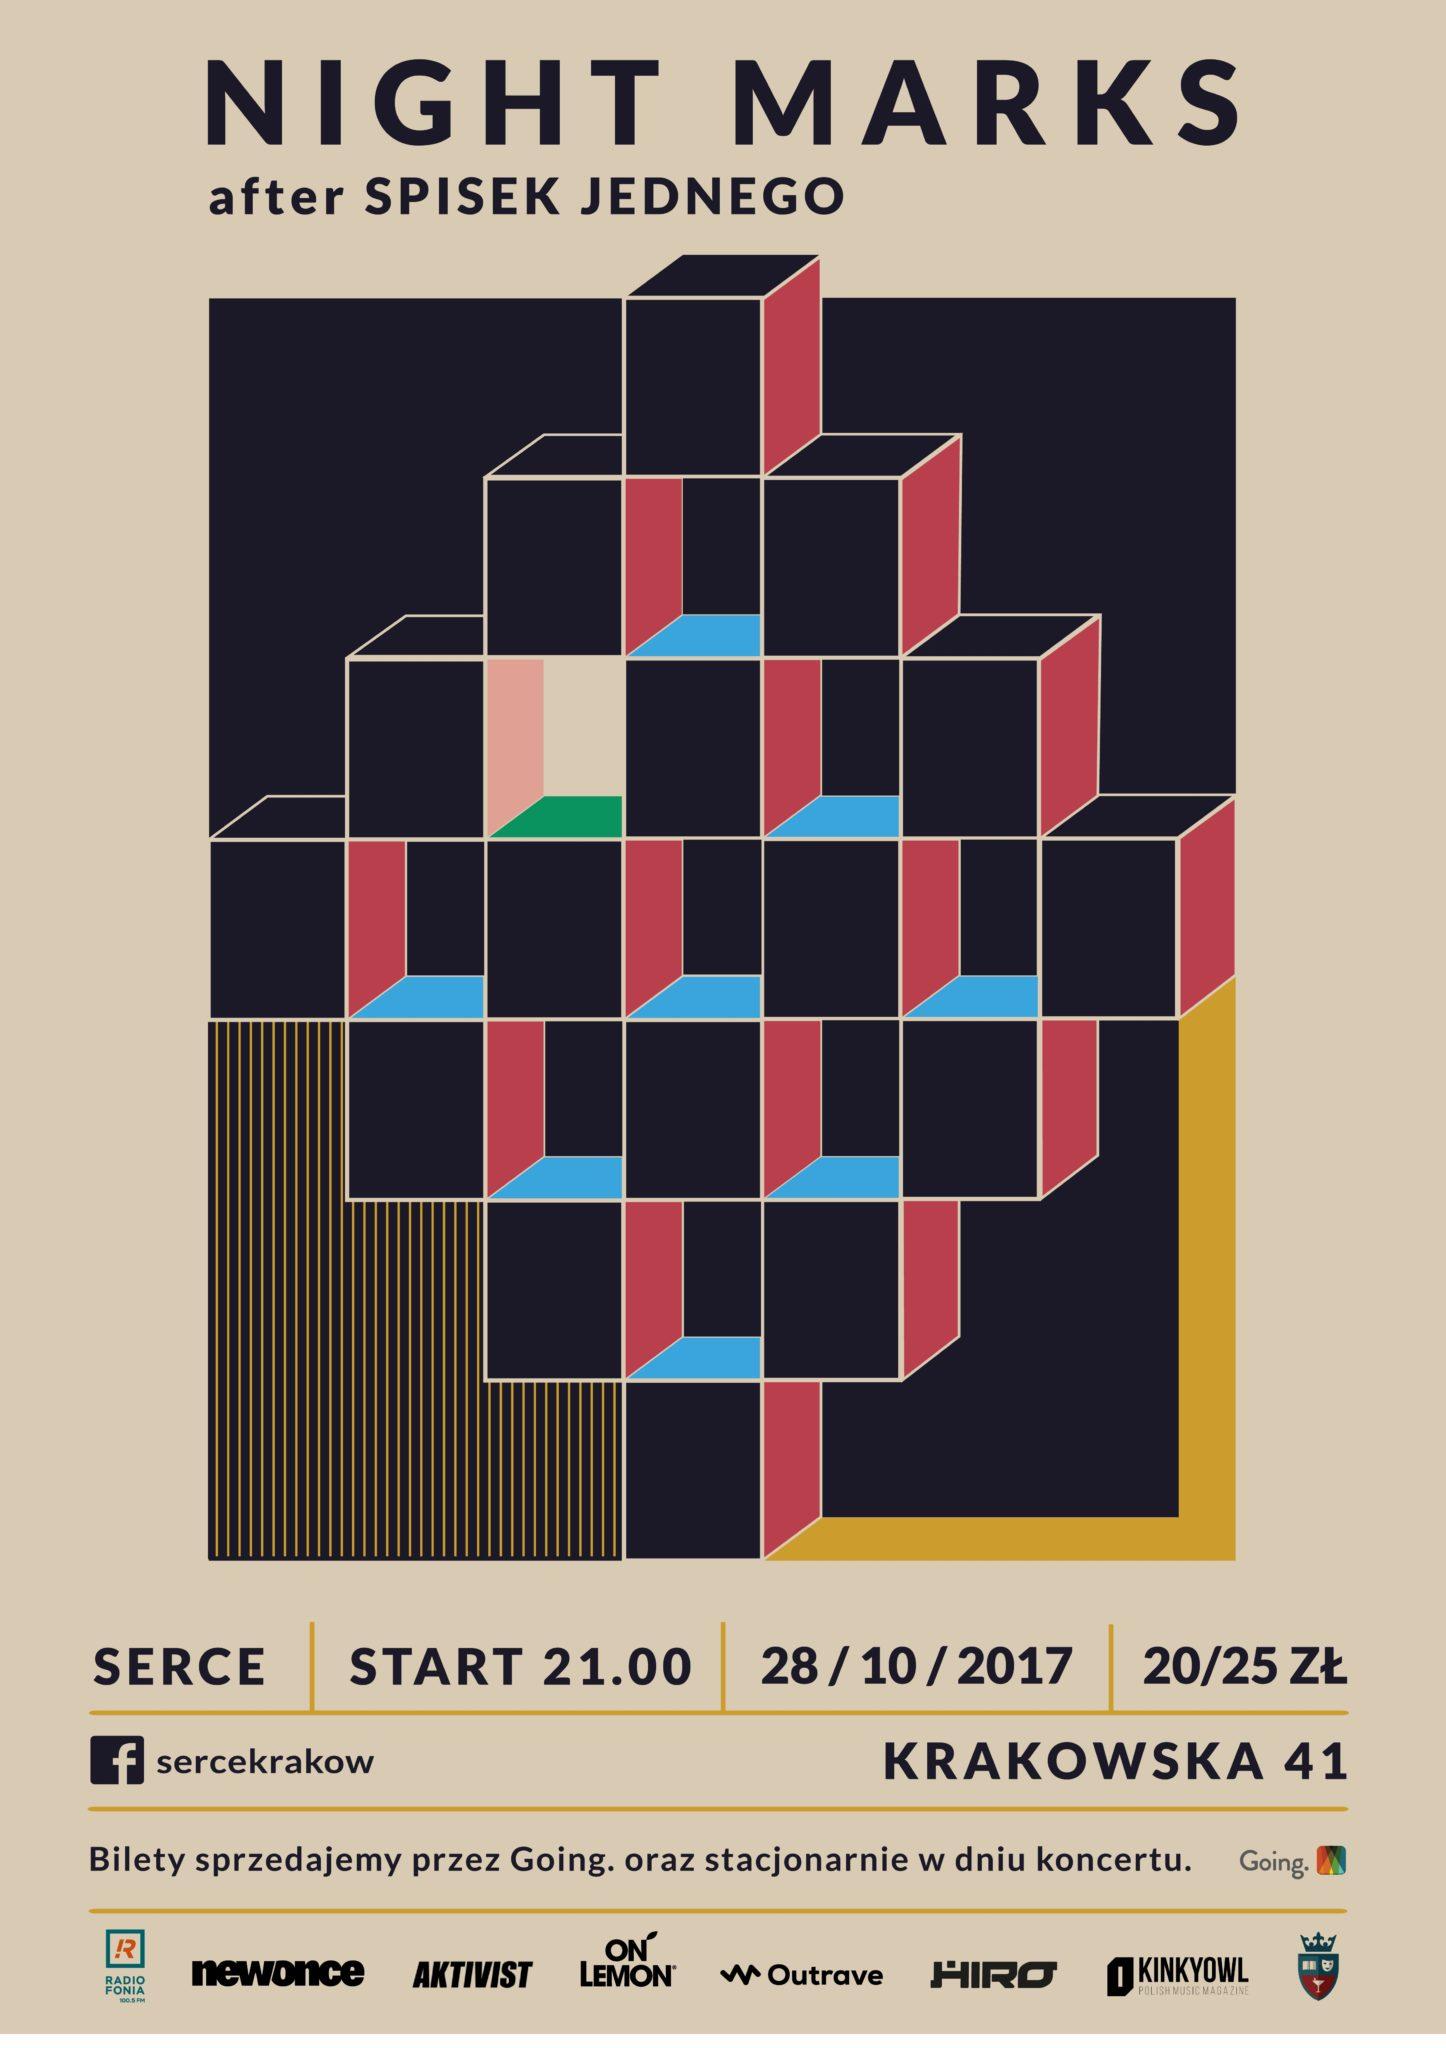 Plakat promujący koncert Night Marks w klubie Serce